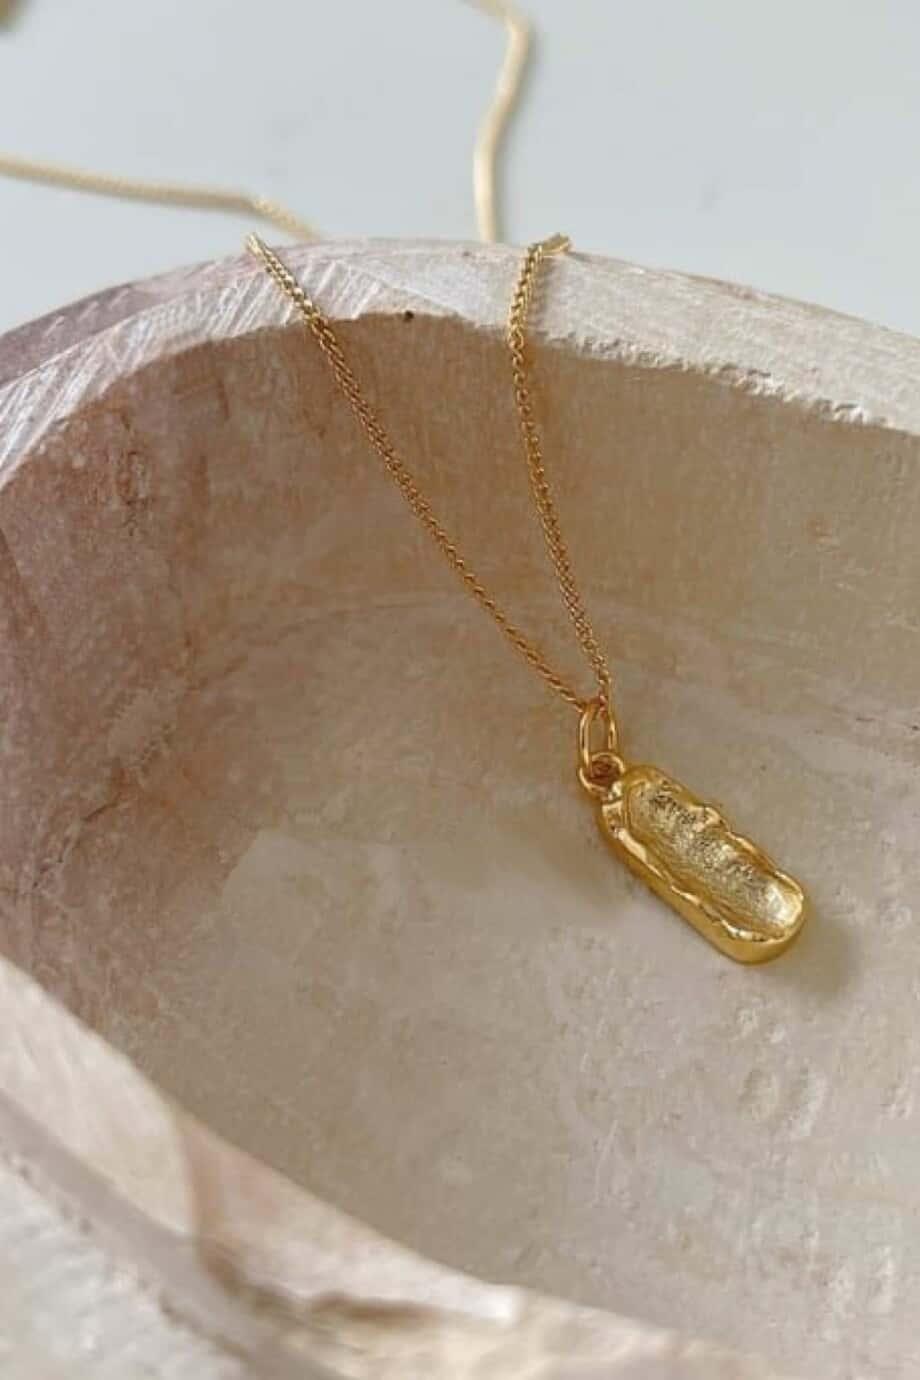 Goldfilled Gouden ketting 'Vintage Nugget' van Goud op Zilver